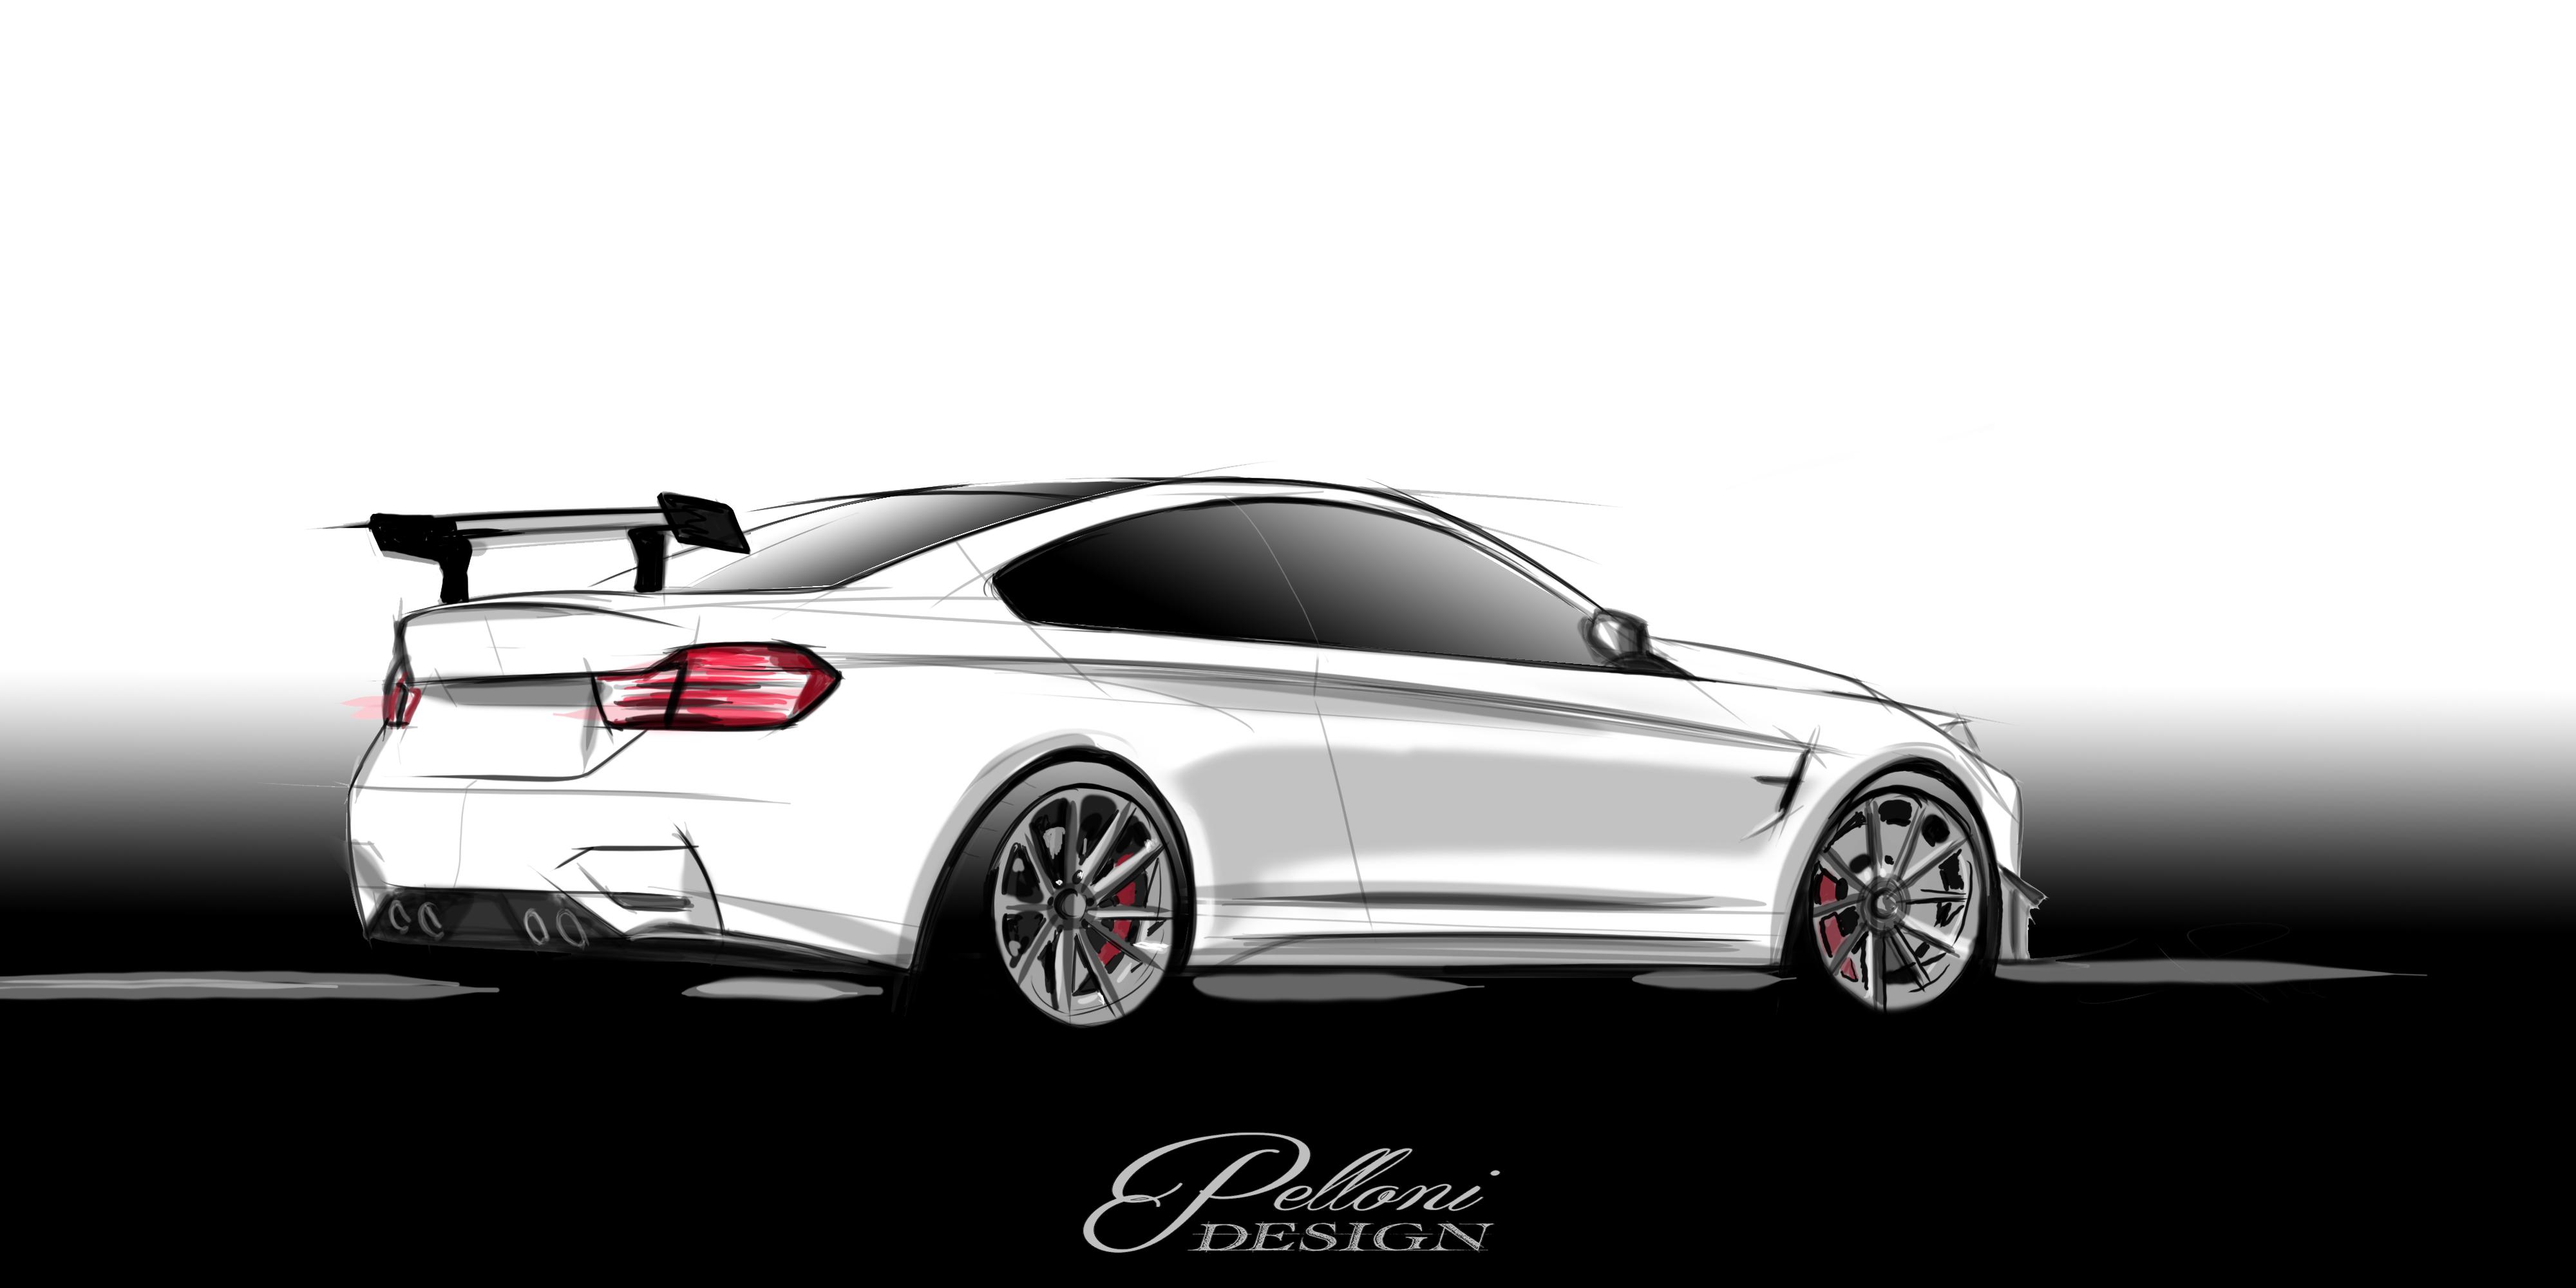 White BMW M4 F80 F82 Hand Drawn Digtal Car Sketch Rendering